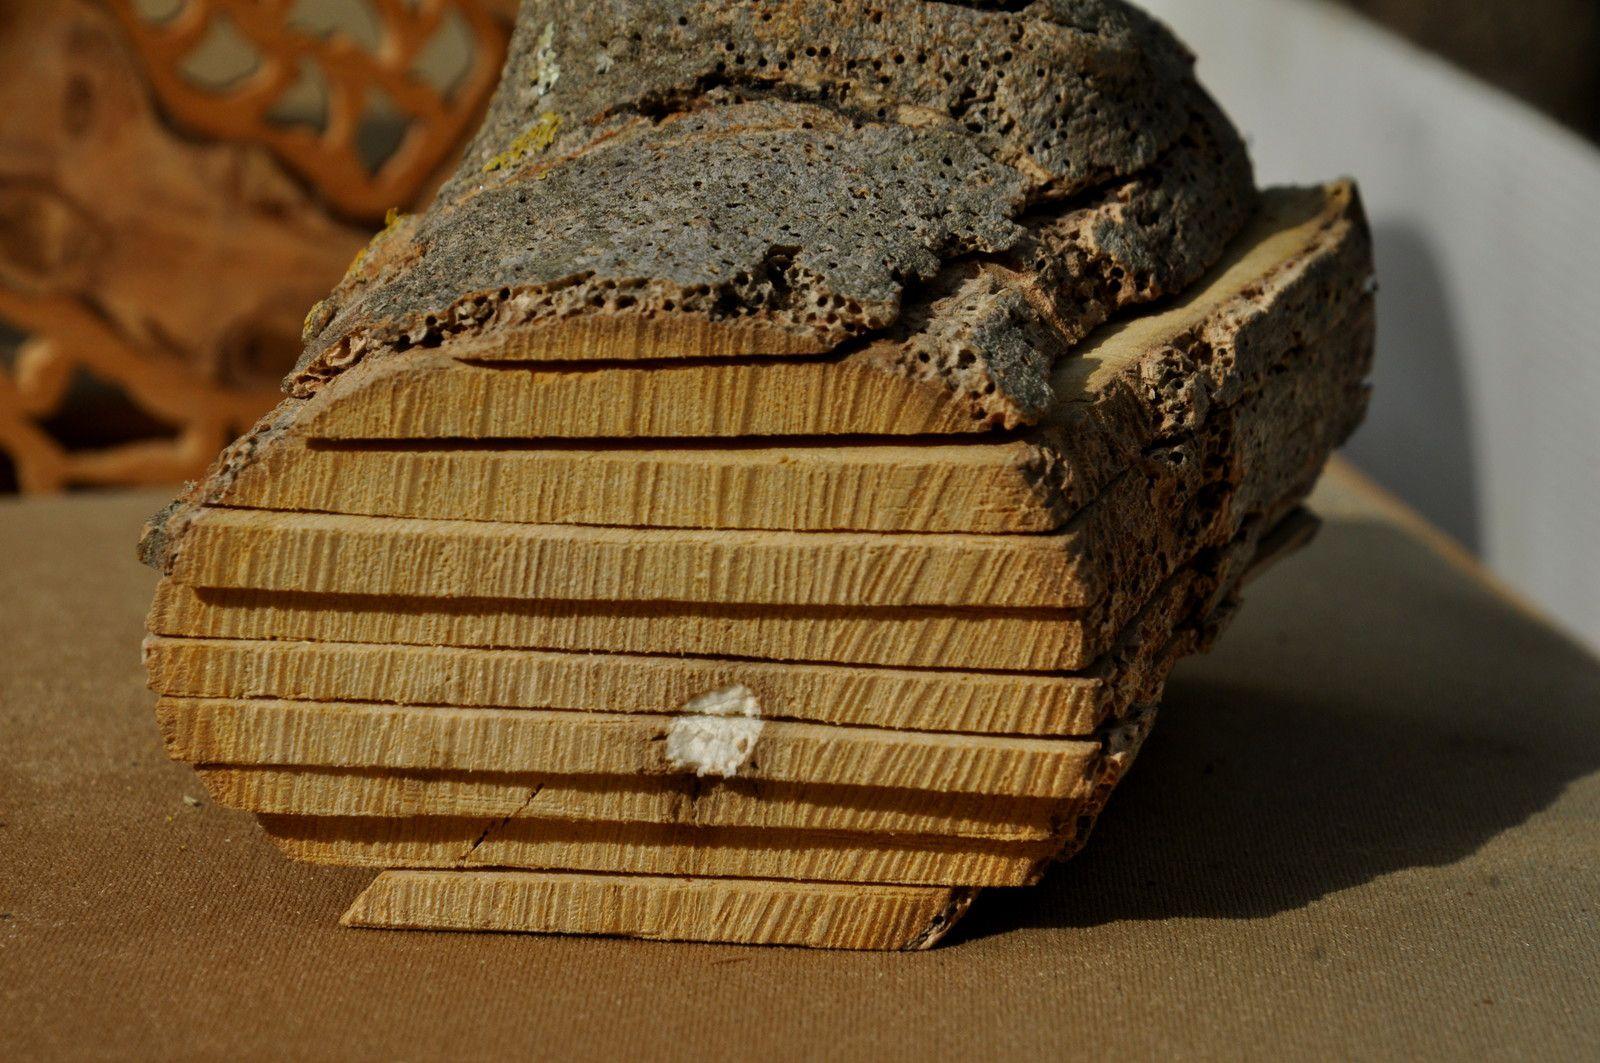 Le bois de figuier en vedette